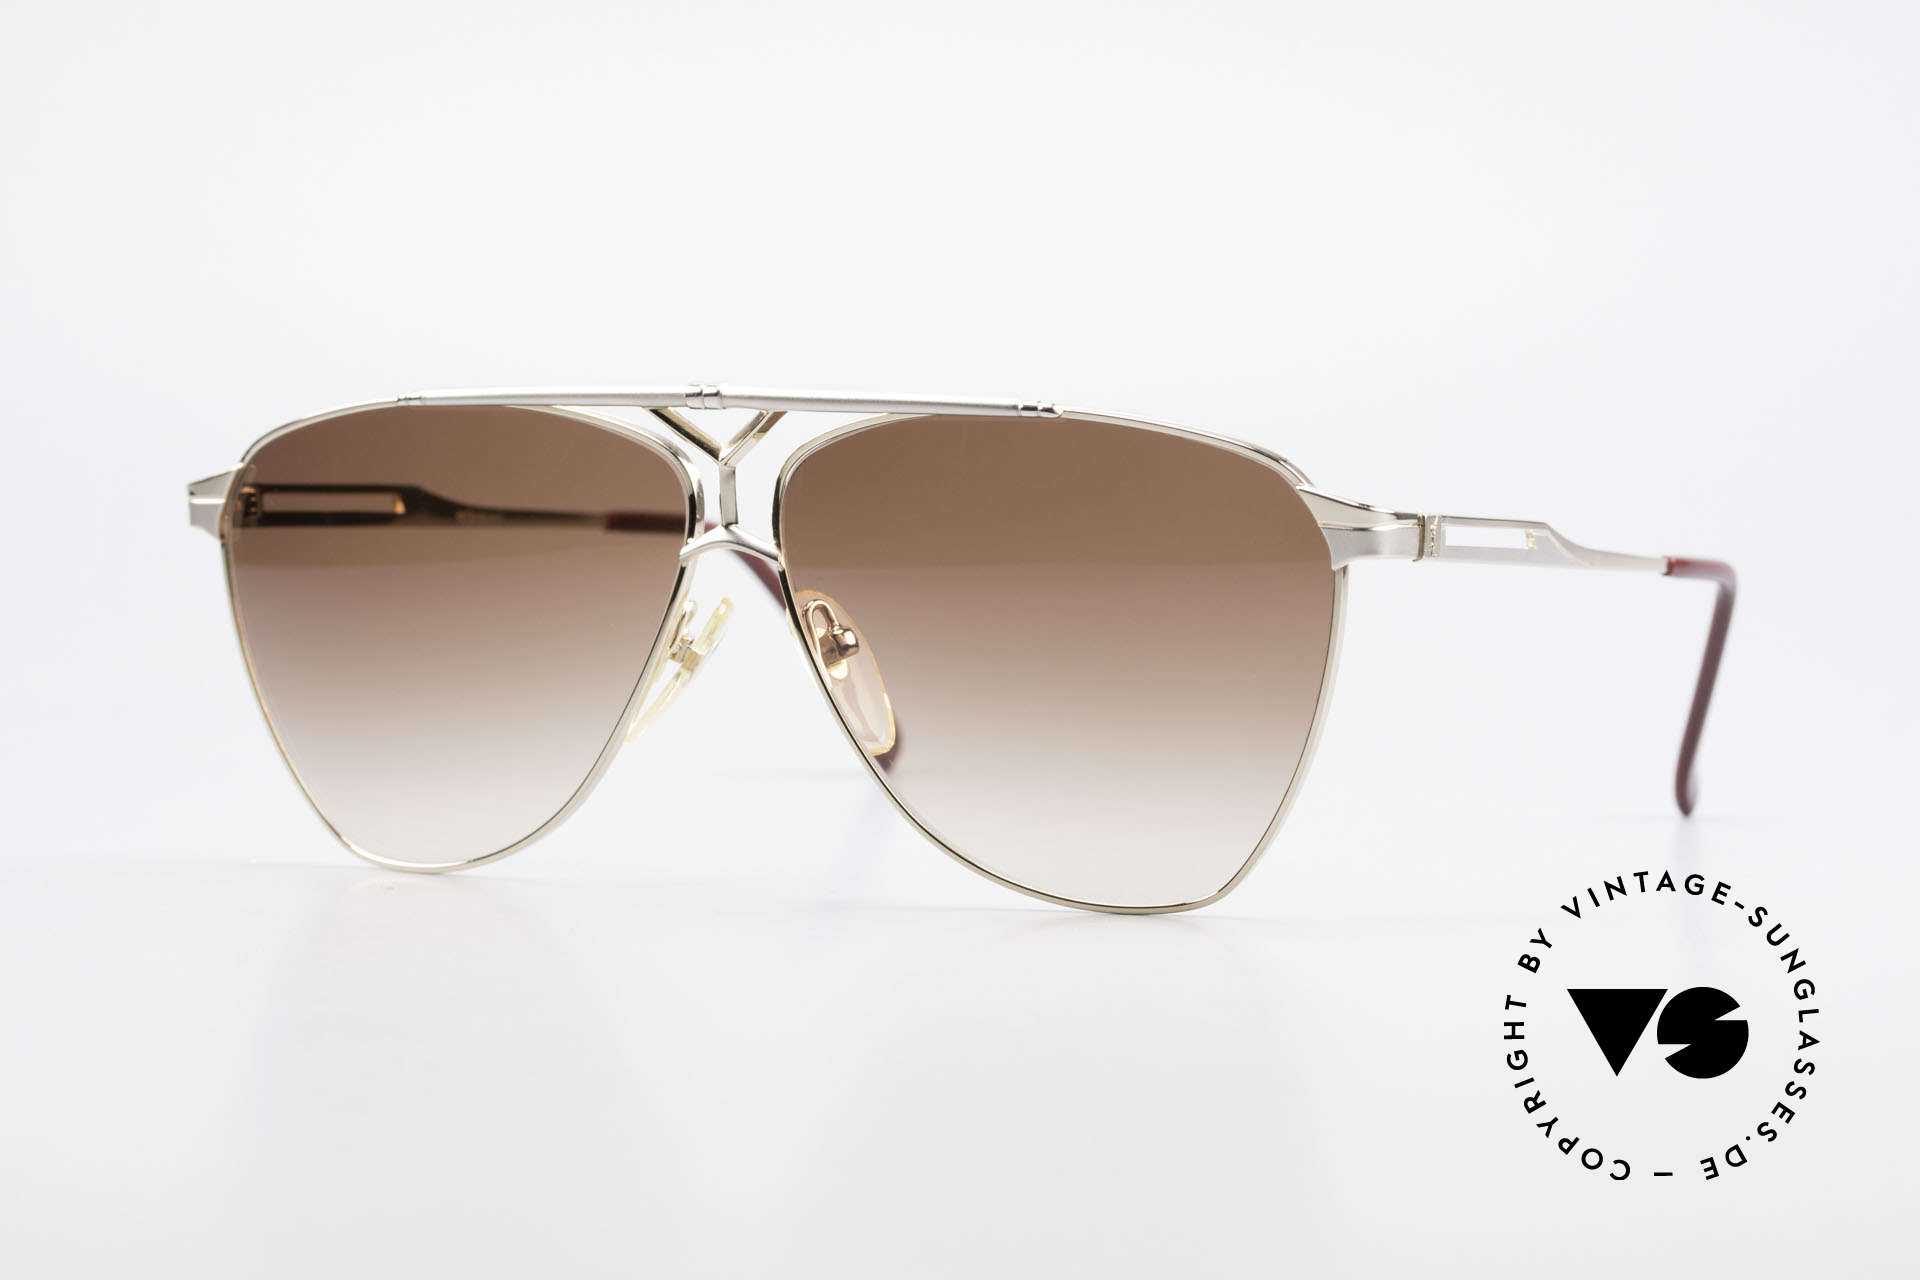 Yves Saint Laurent 8808 80er YSL Aviator Sonnenbrille, pure Eleganz von Yves Saint Laurent, Frankreich, Passend für Herren